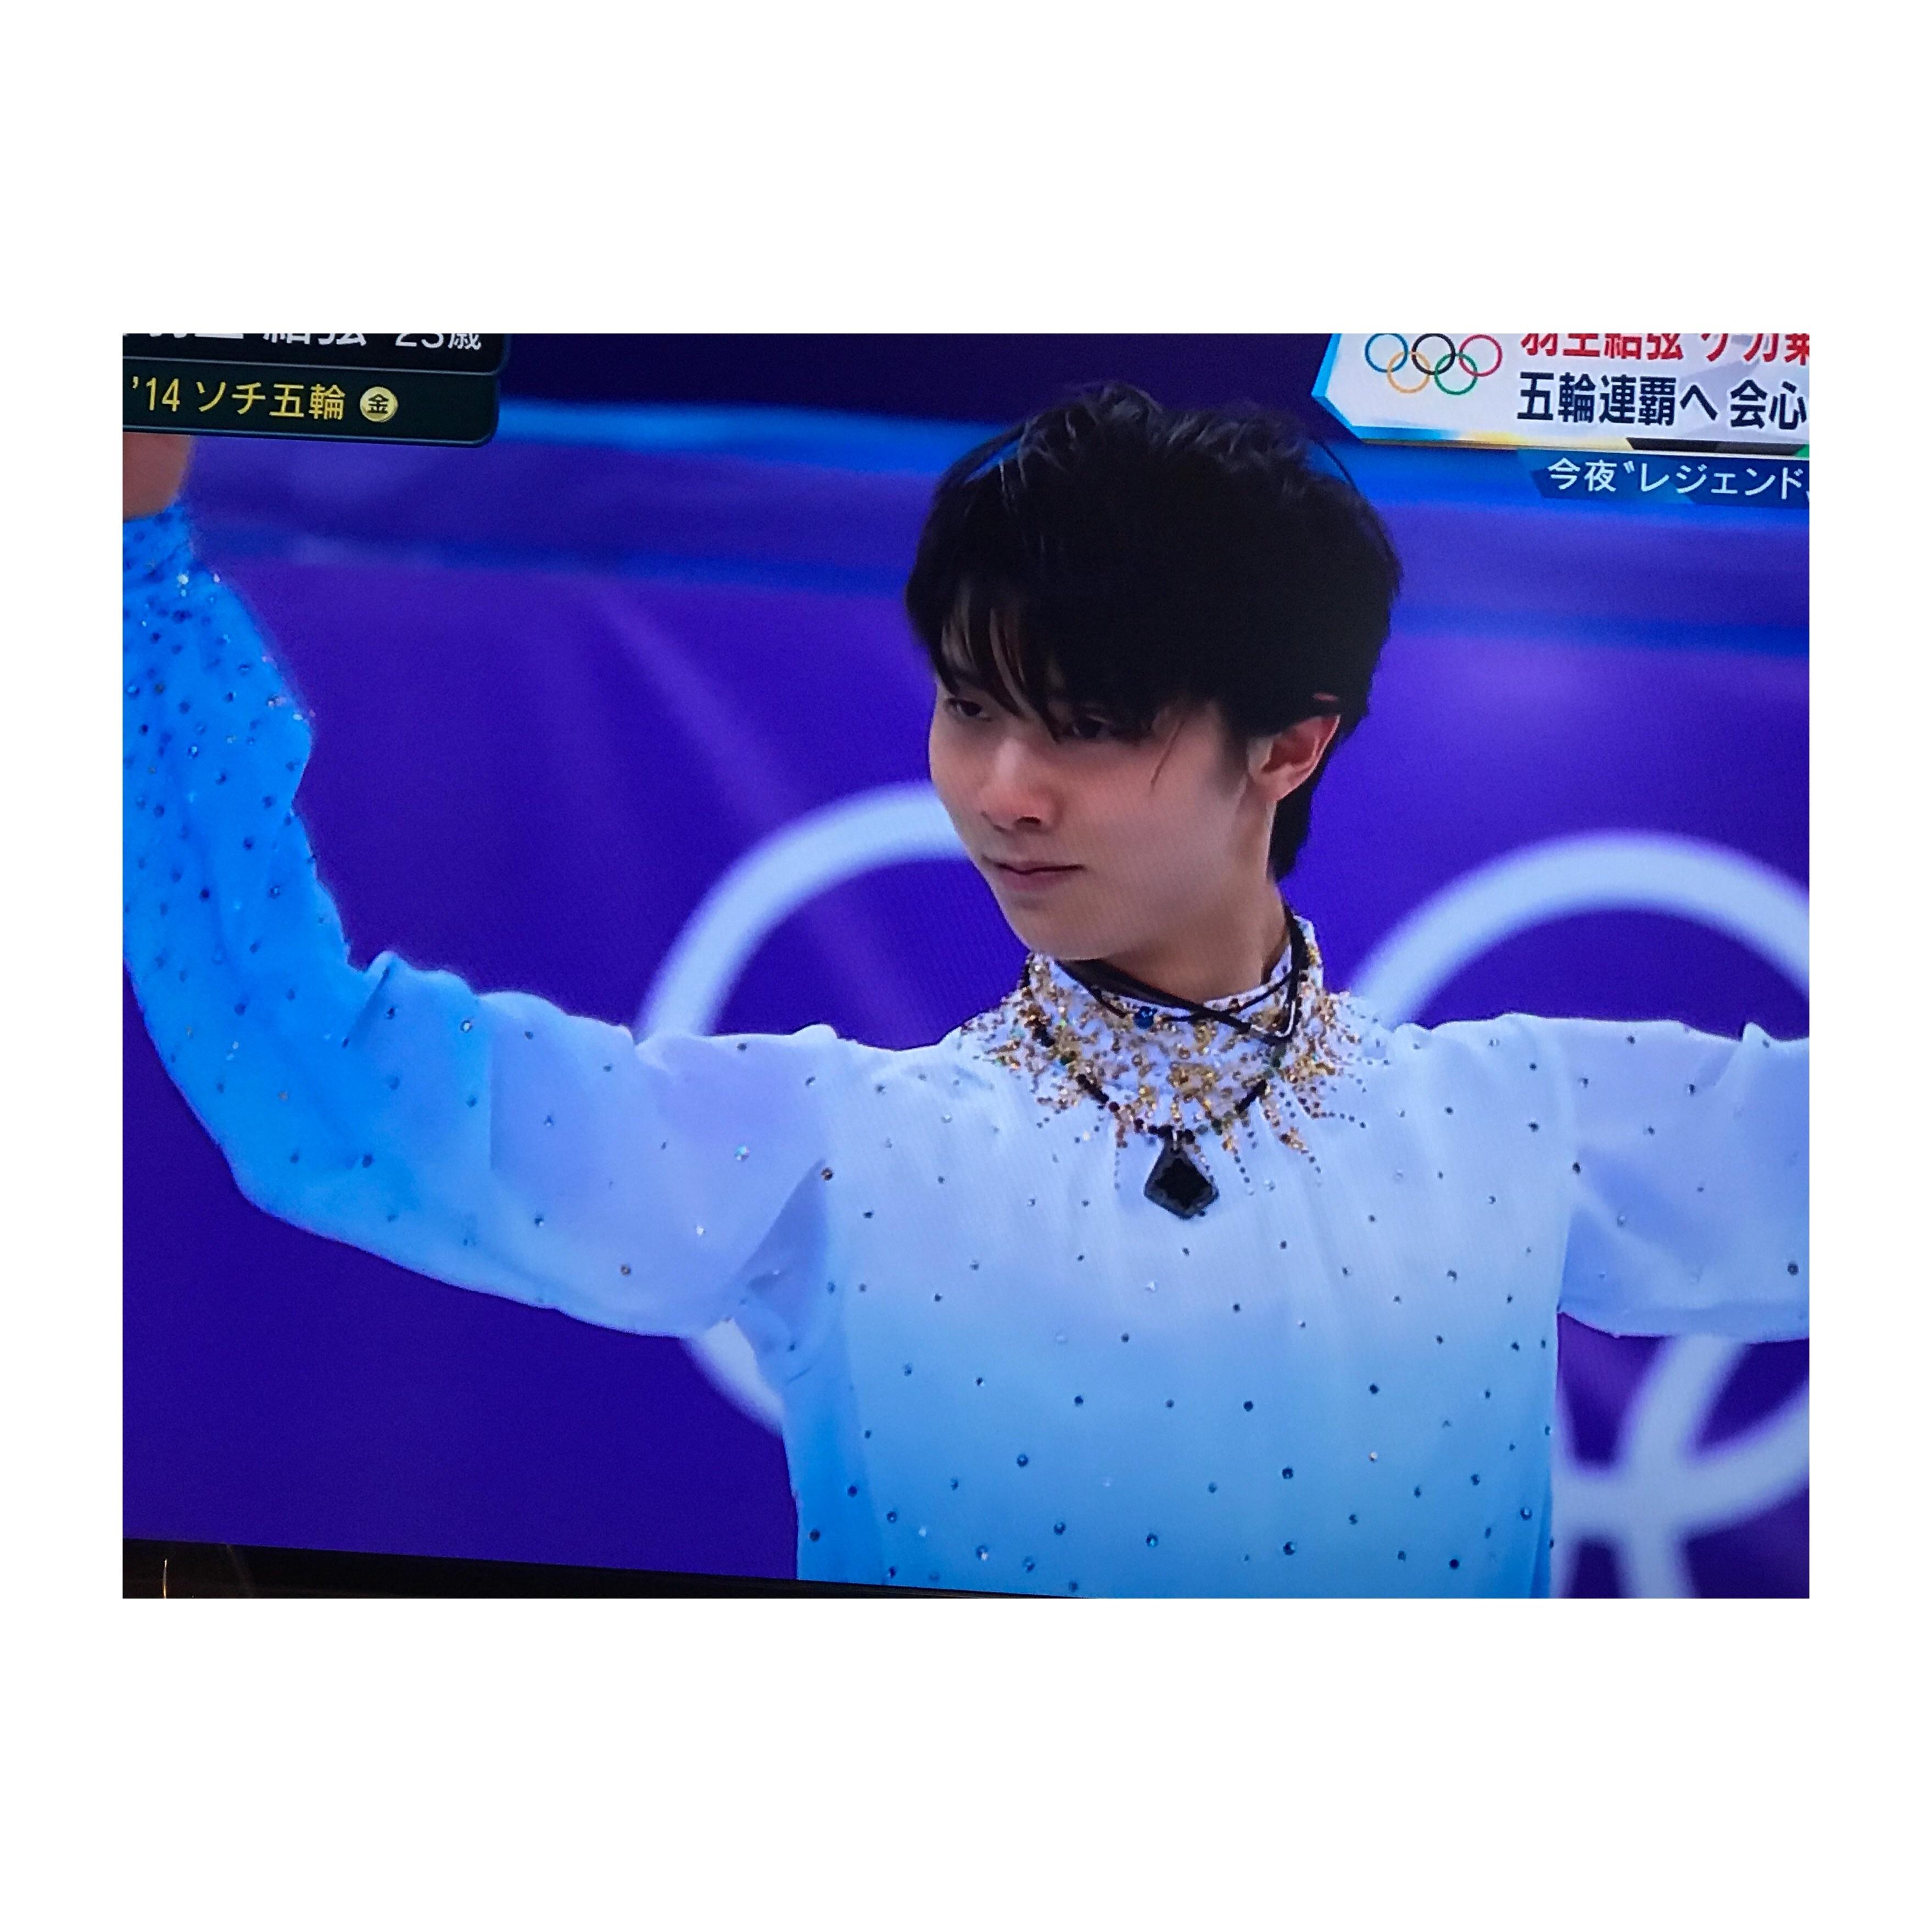 f:id:Yosuke0912:20180216211230j:image